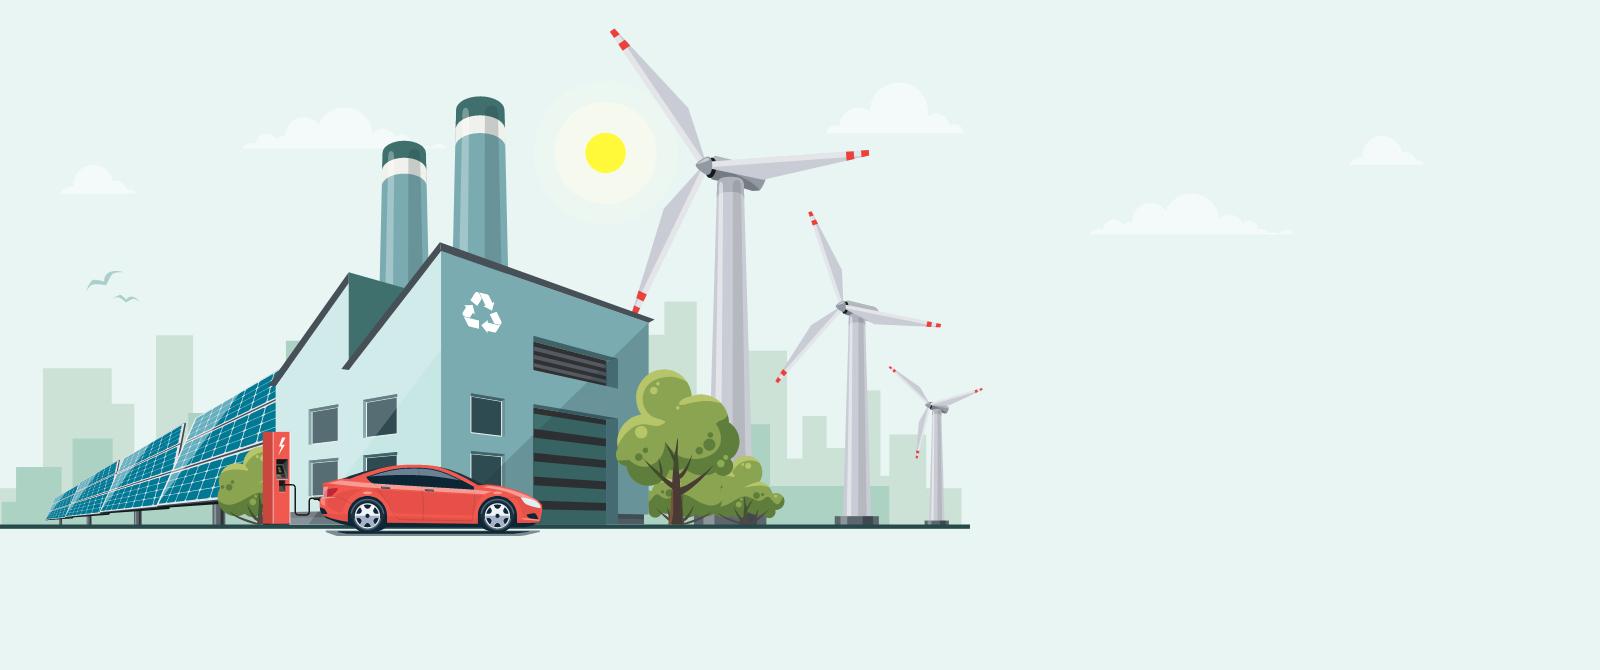 BANPU ตั้งเป้าเพิ่มสัดส่วนกำไรจากพลังงานสะอาดเป็น 50% ภายในปี 2568